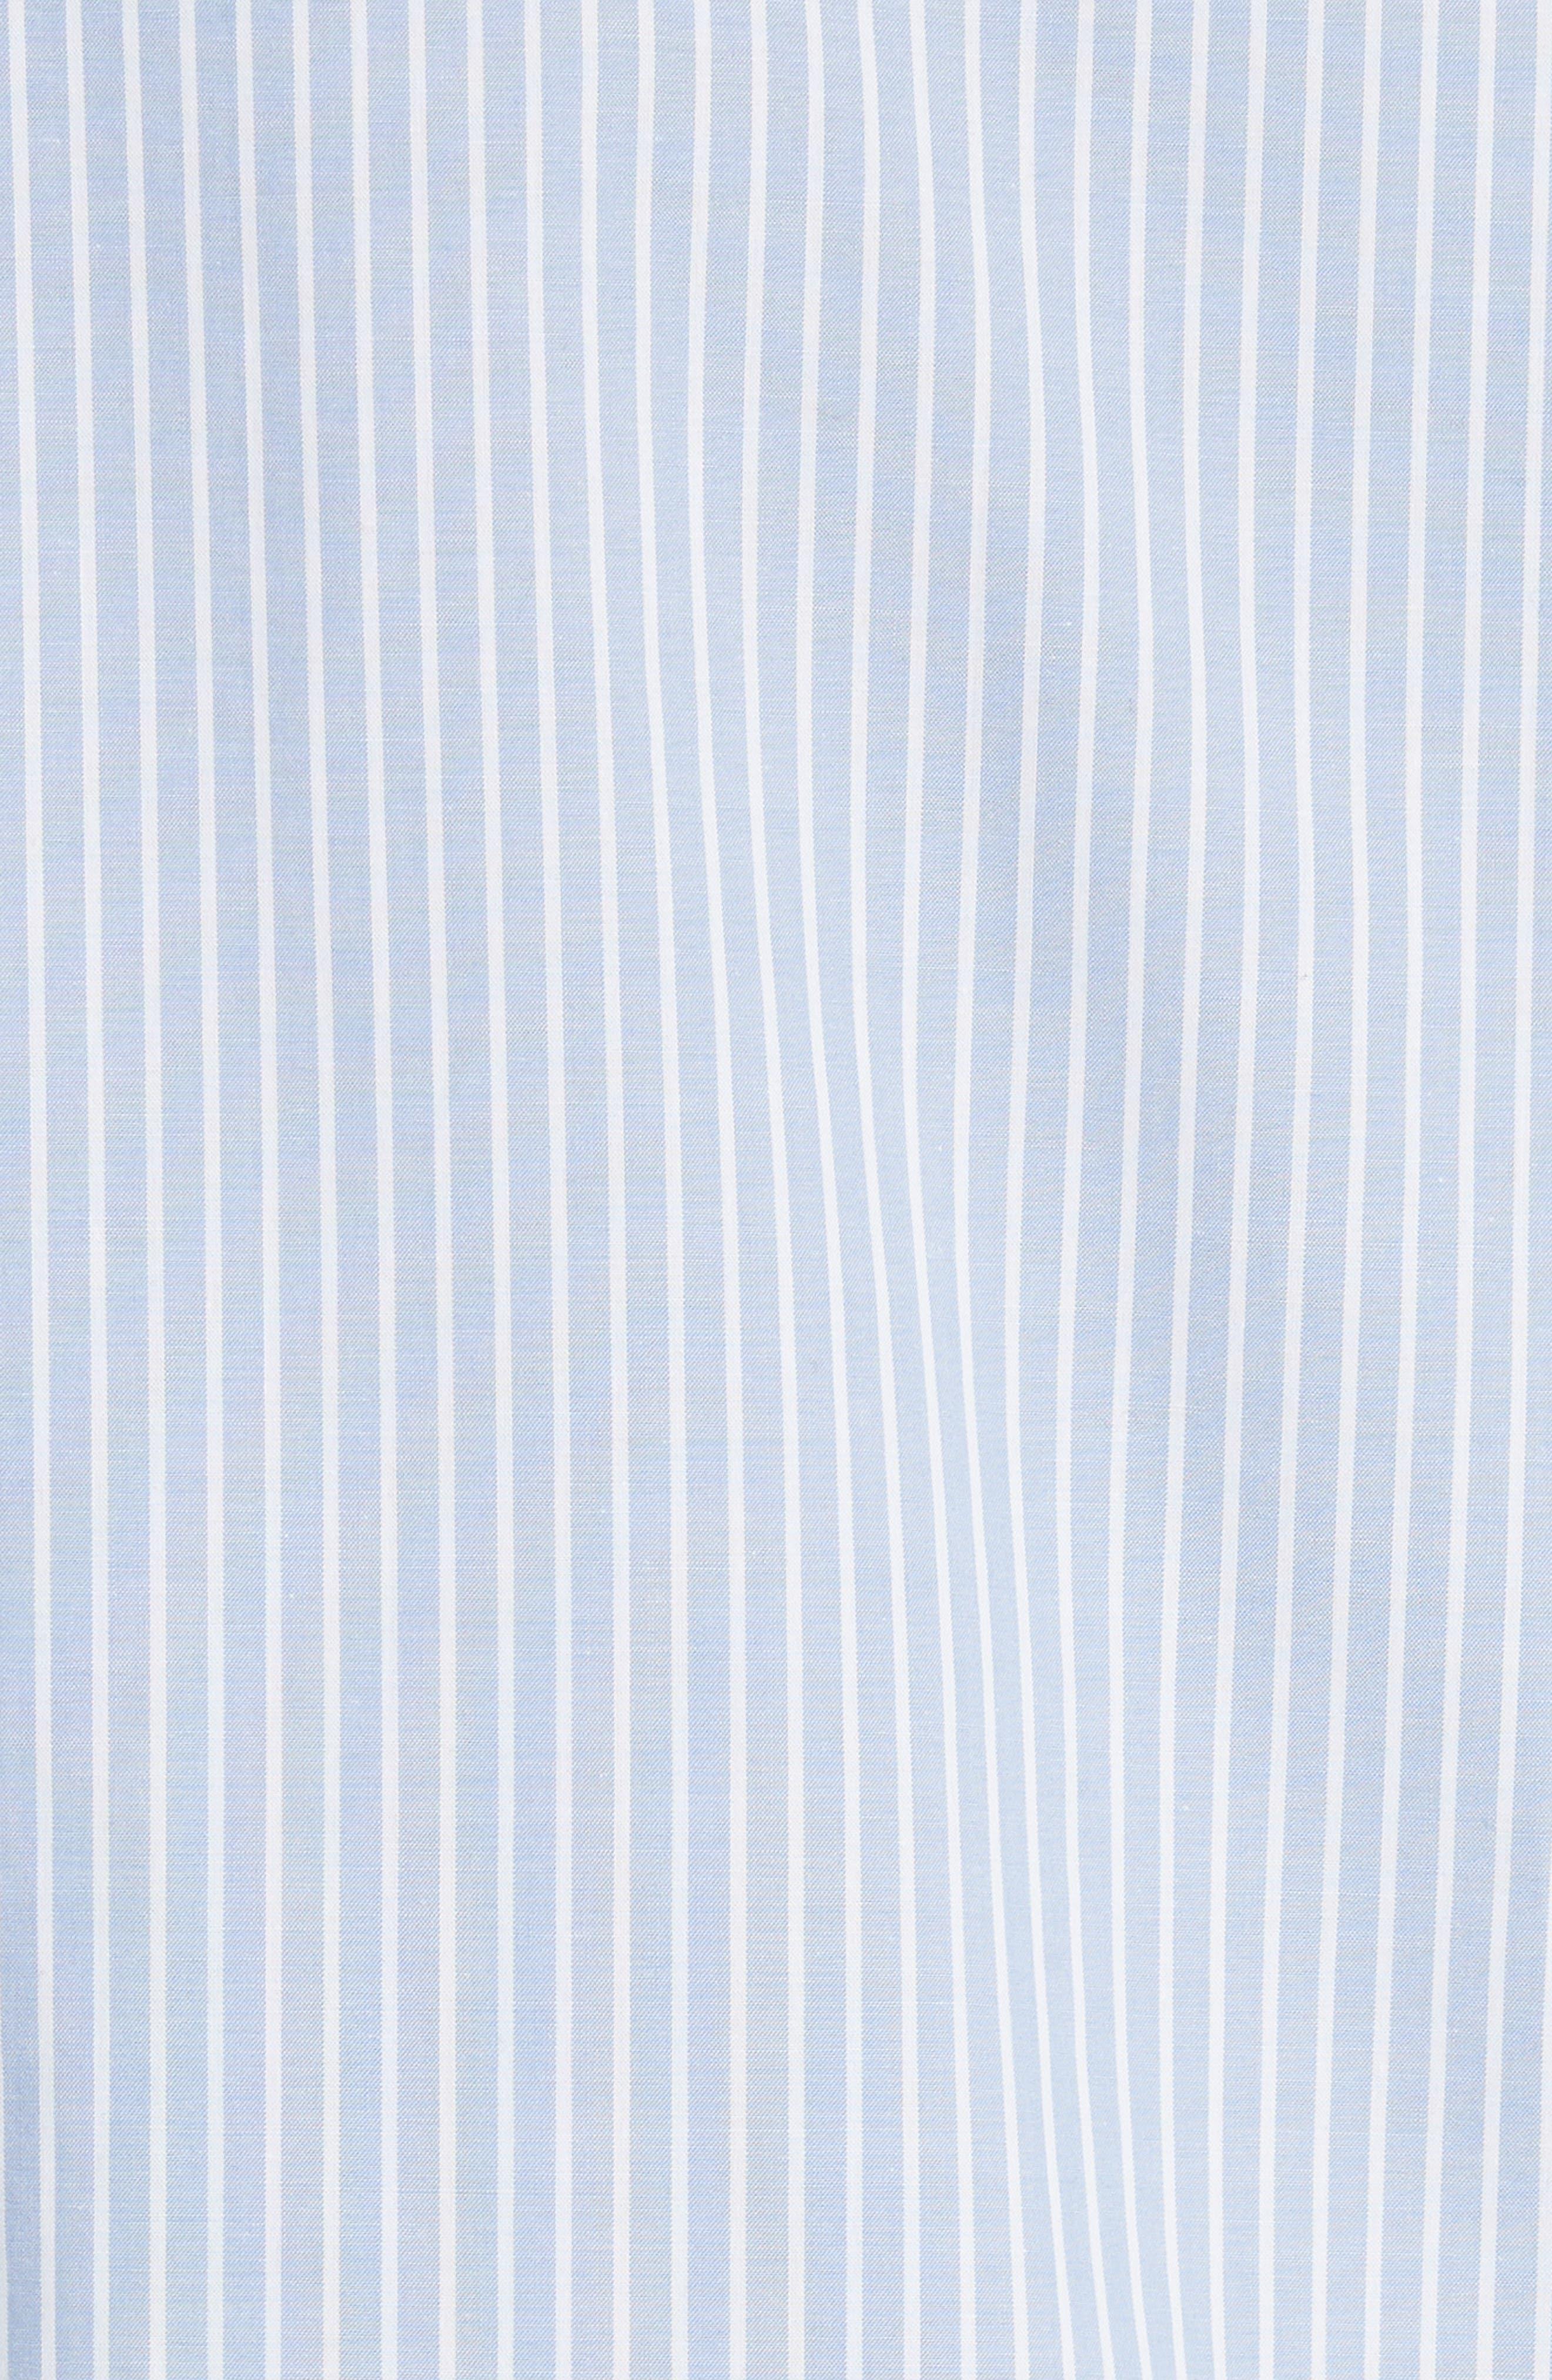 flutter sleeve stripe cotton blouse,                             Alternate thumbnail 5, color,                             Manatee/ Fresh White